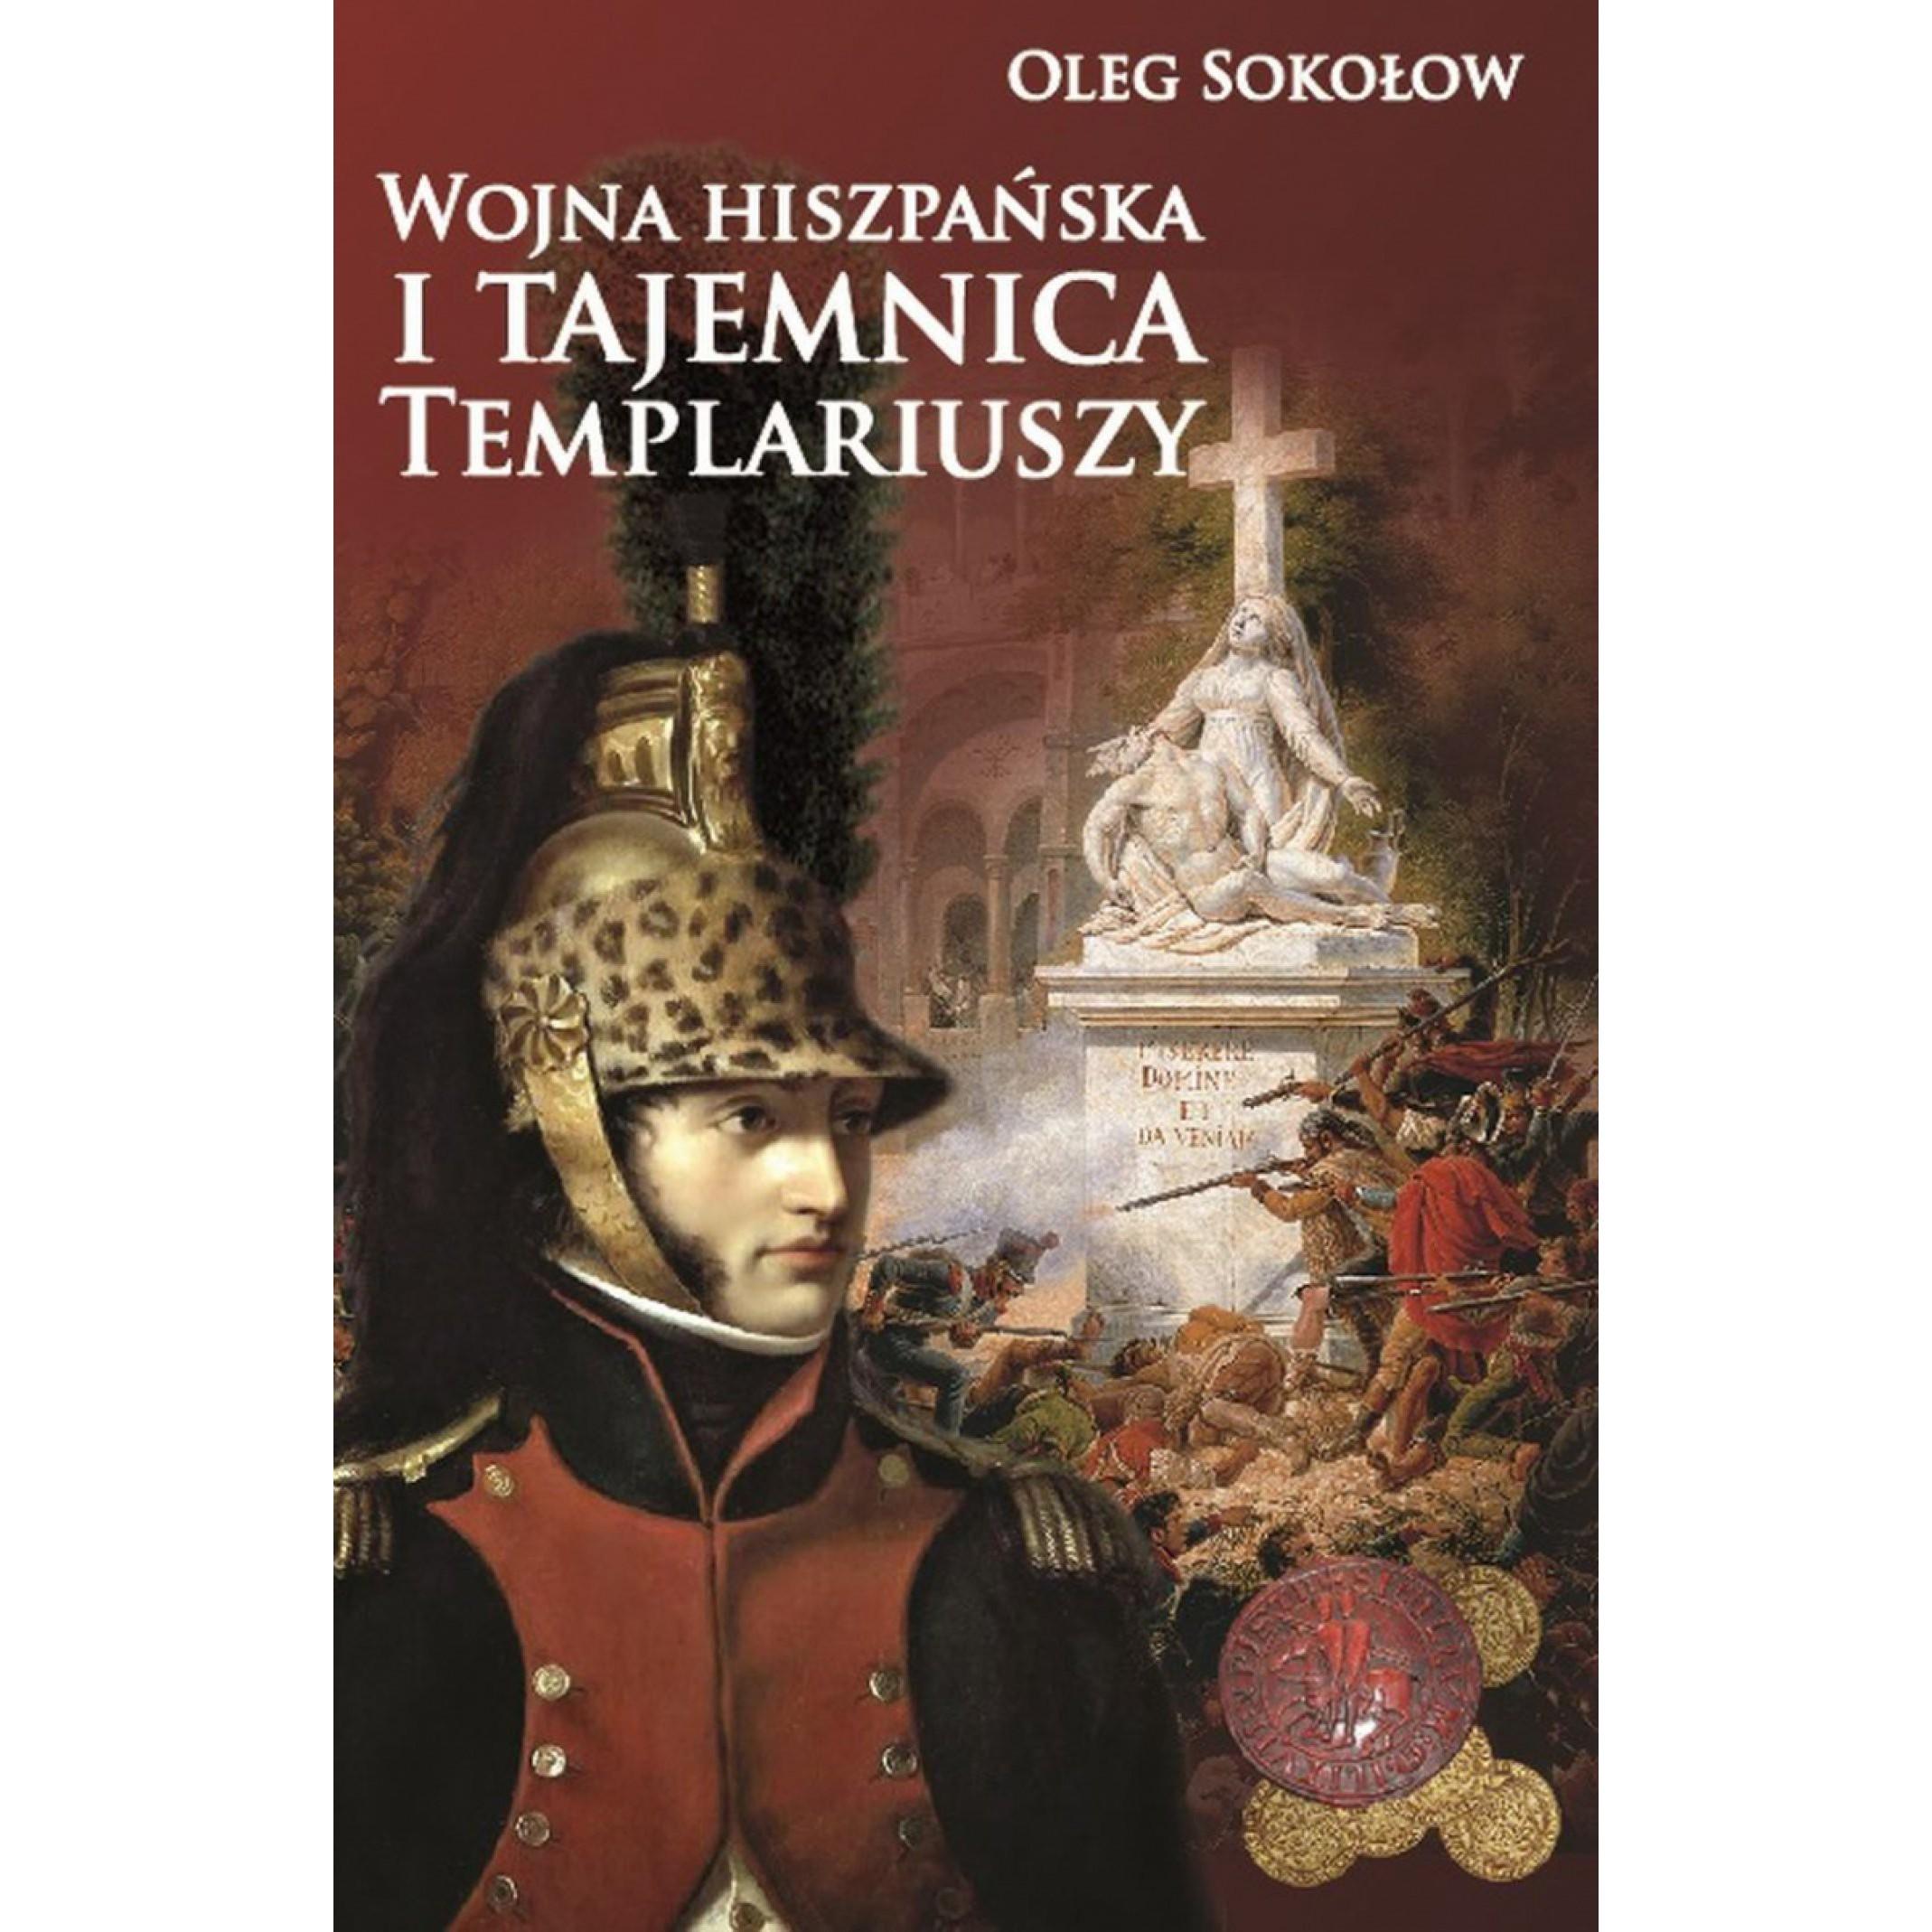 Wojna hiszpańska i tajemnica Templariuszy - Outlet